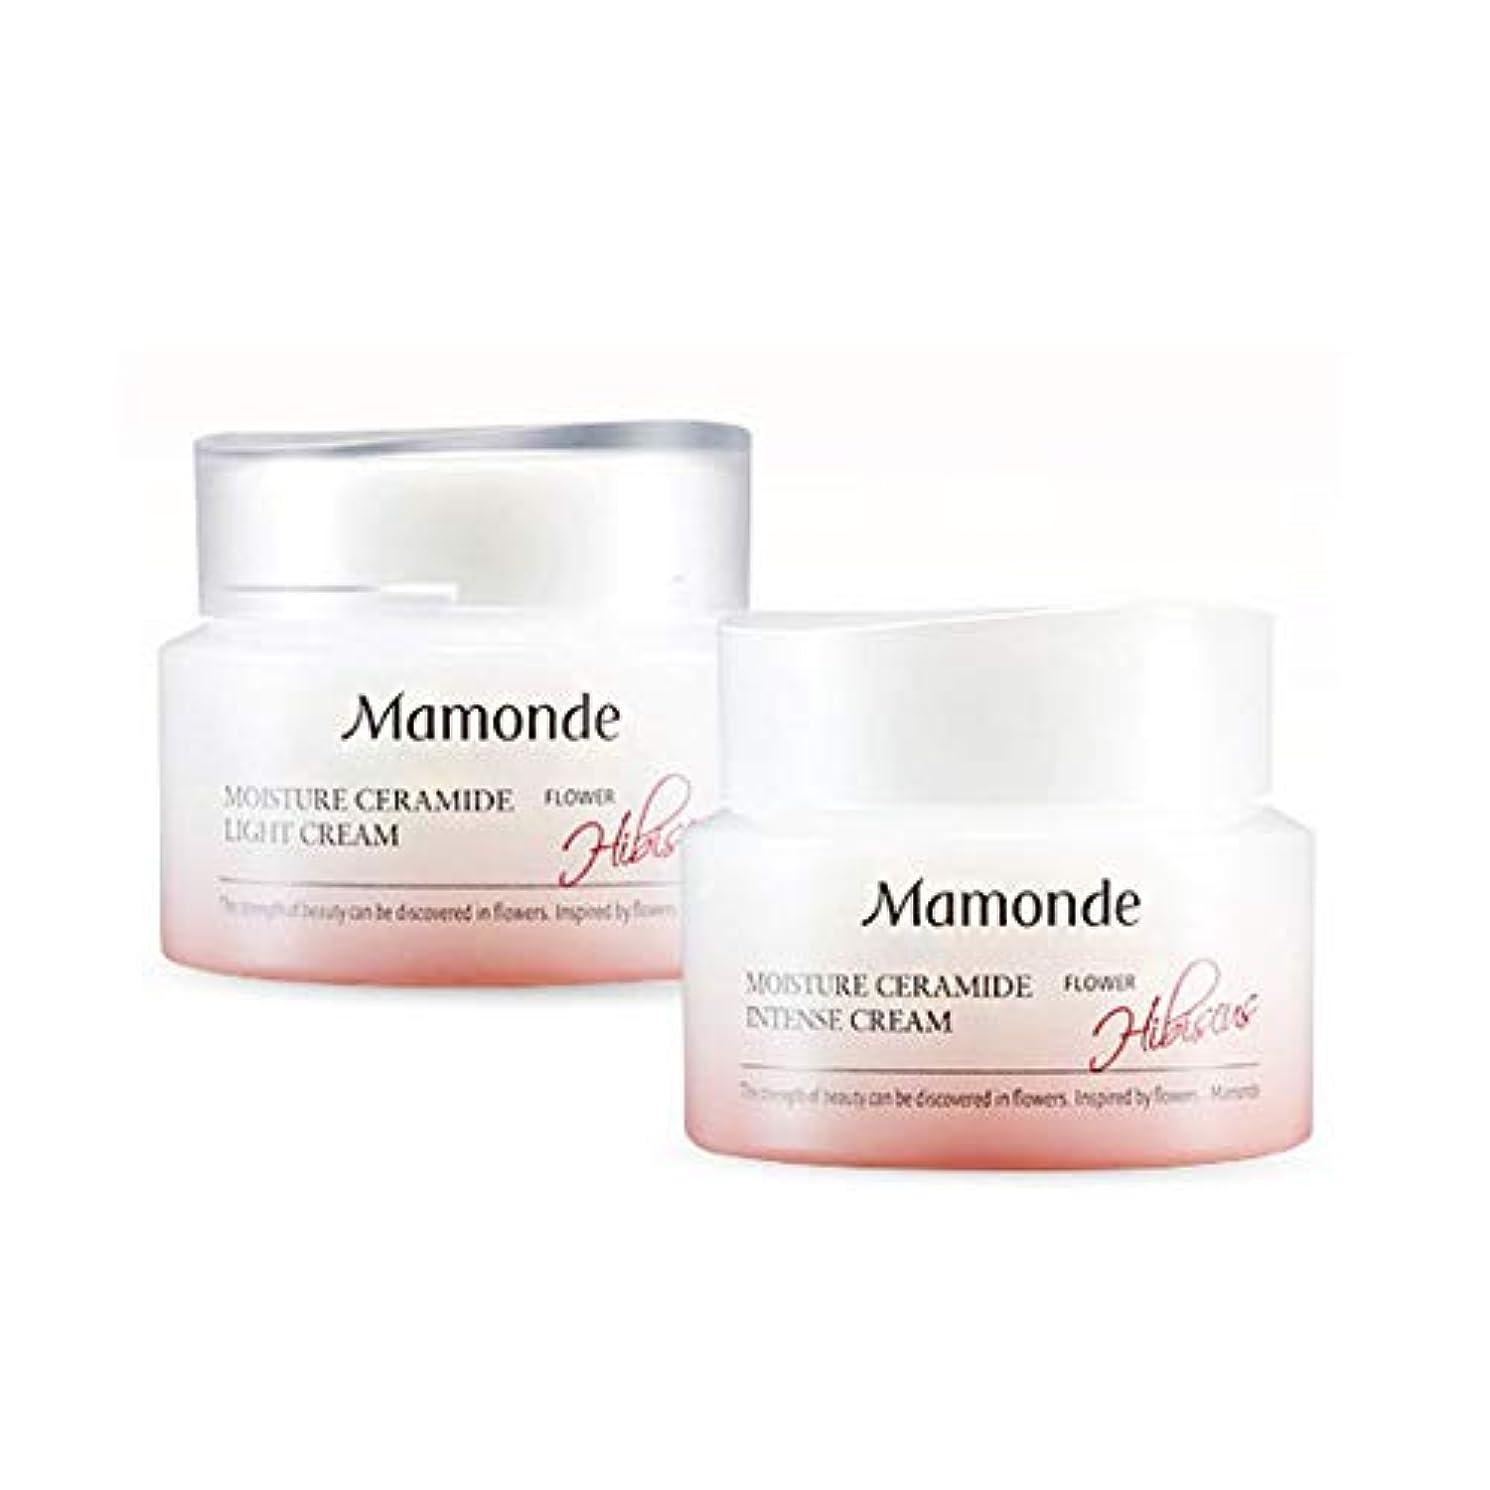 安定しました約設定雇ったマモンドモイスチャーセラミドインテンスクリーム50mlx2本セット韓国コスメ、Mamonde Moisture Ceramide Intense Cream 50ml x 2ea Set Korean Cosmetics...